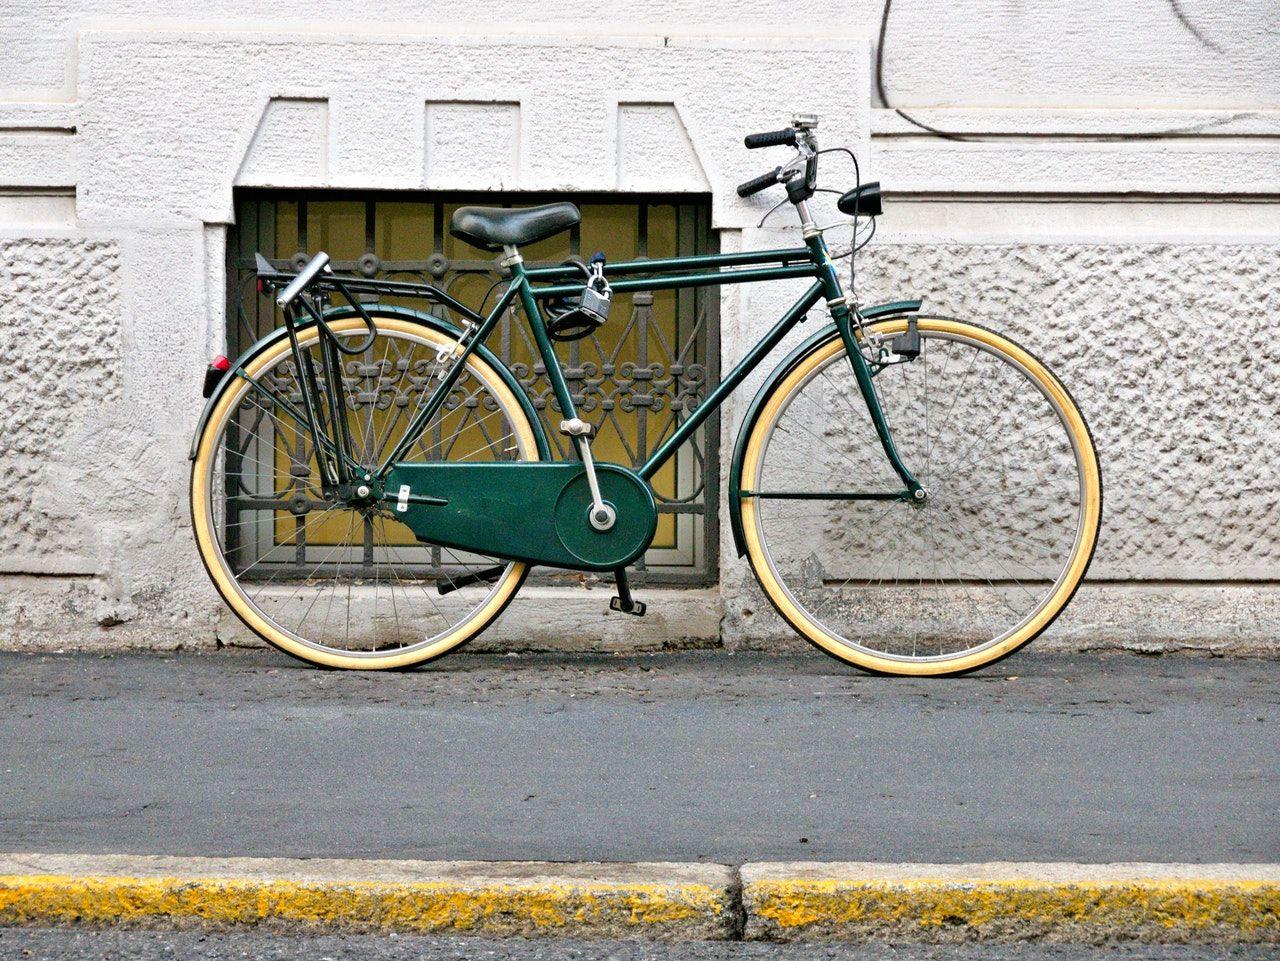 Consejos para limpiar la bicicleta de la forma más adecuada